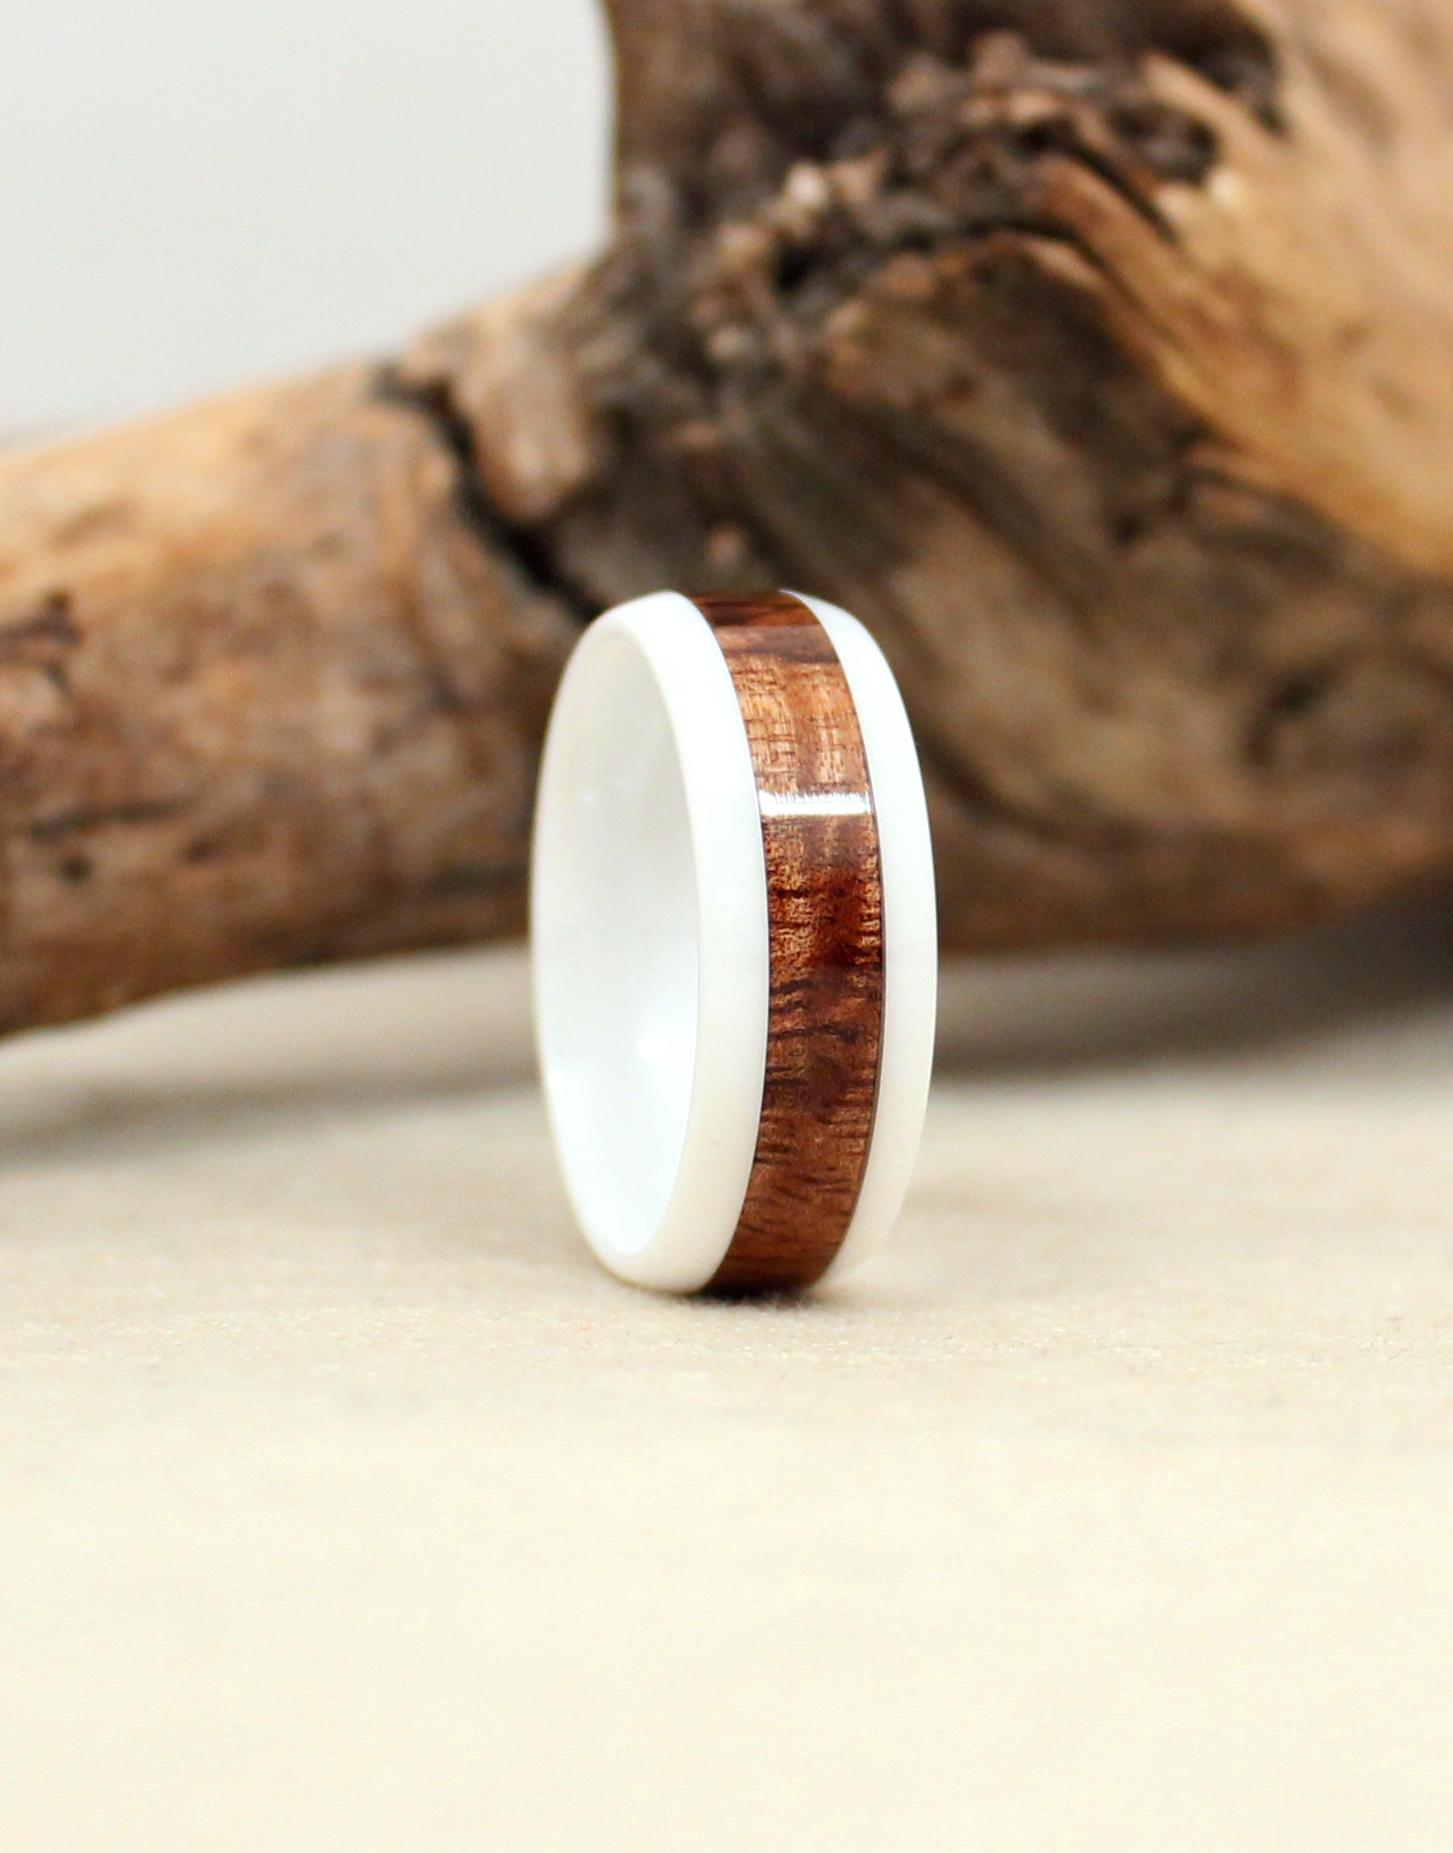 Exhibition Curly Hawaiian Koa and White Ceramic Wood Ring